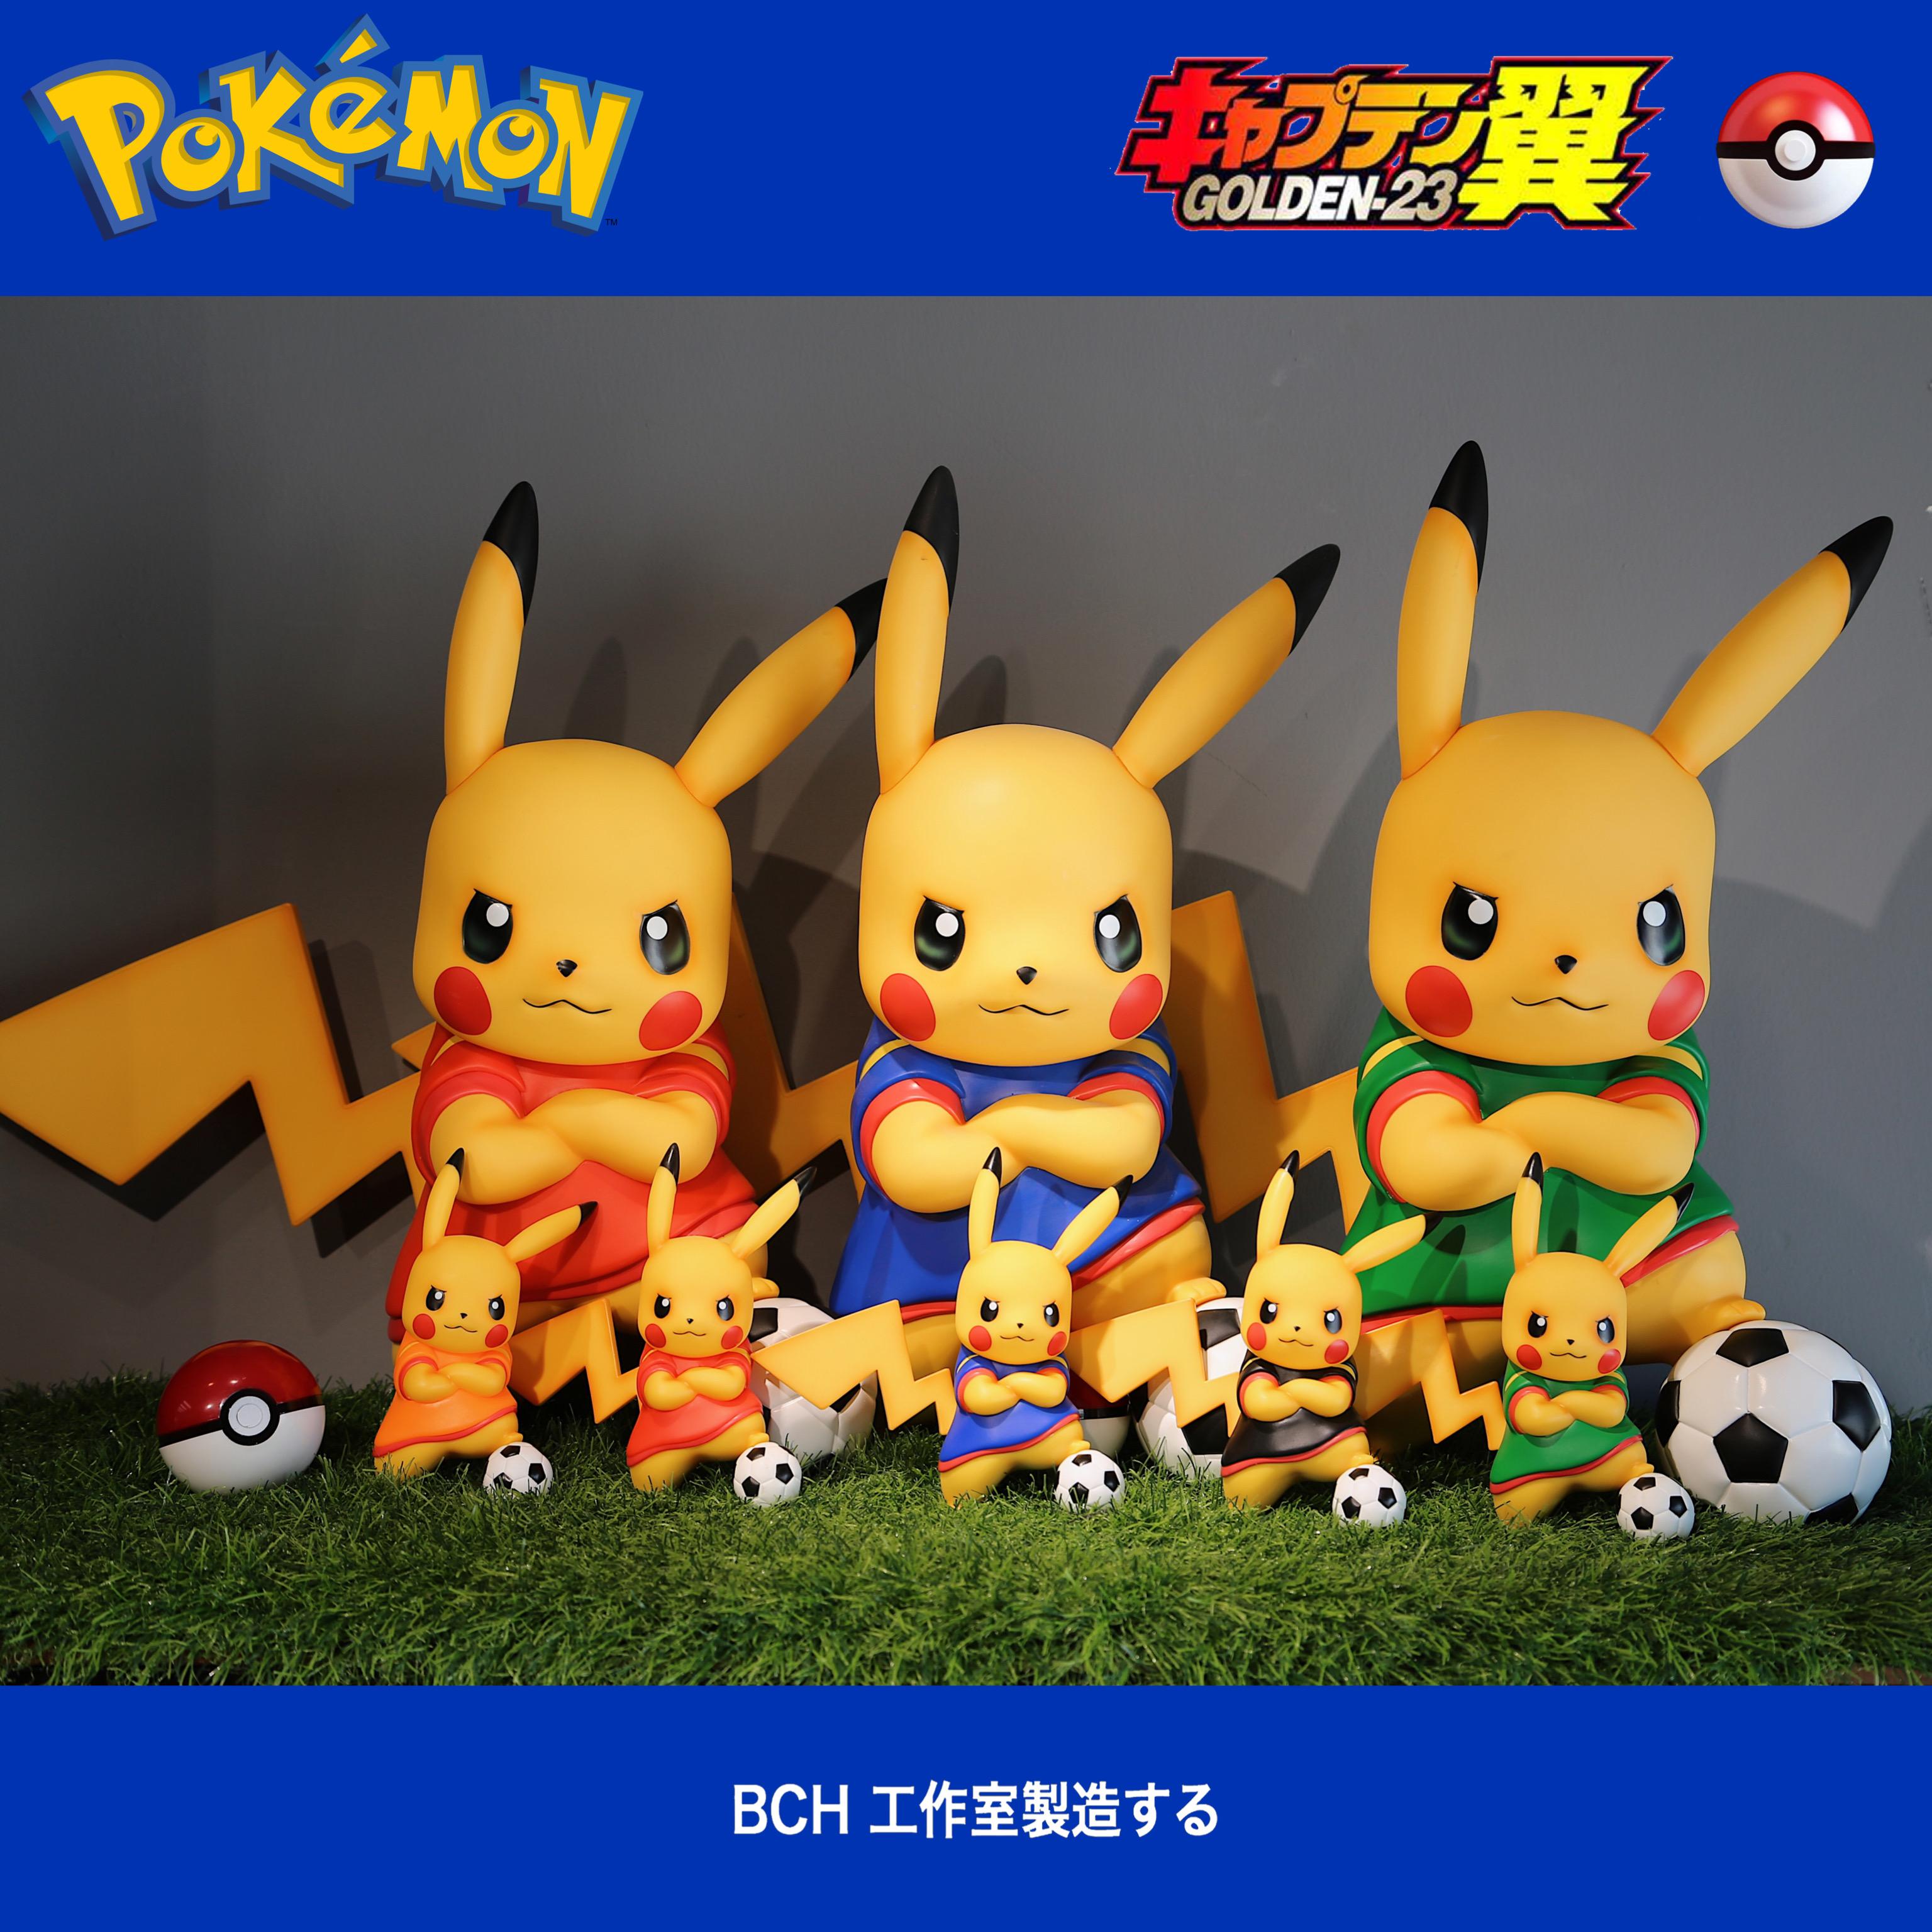 ฟิกเกอร์ Pok Mon Football Pikachu Cro Plum World Cup ของเล่นสําหรับเด็ก